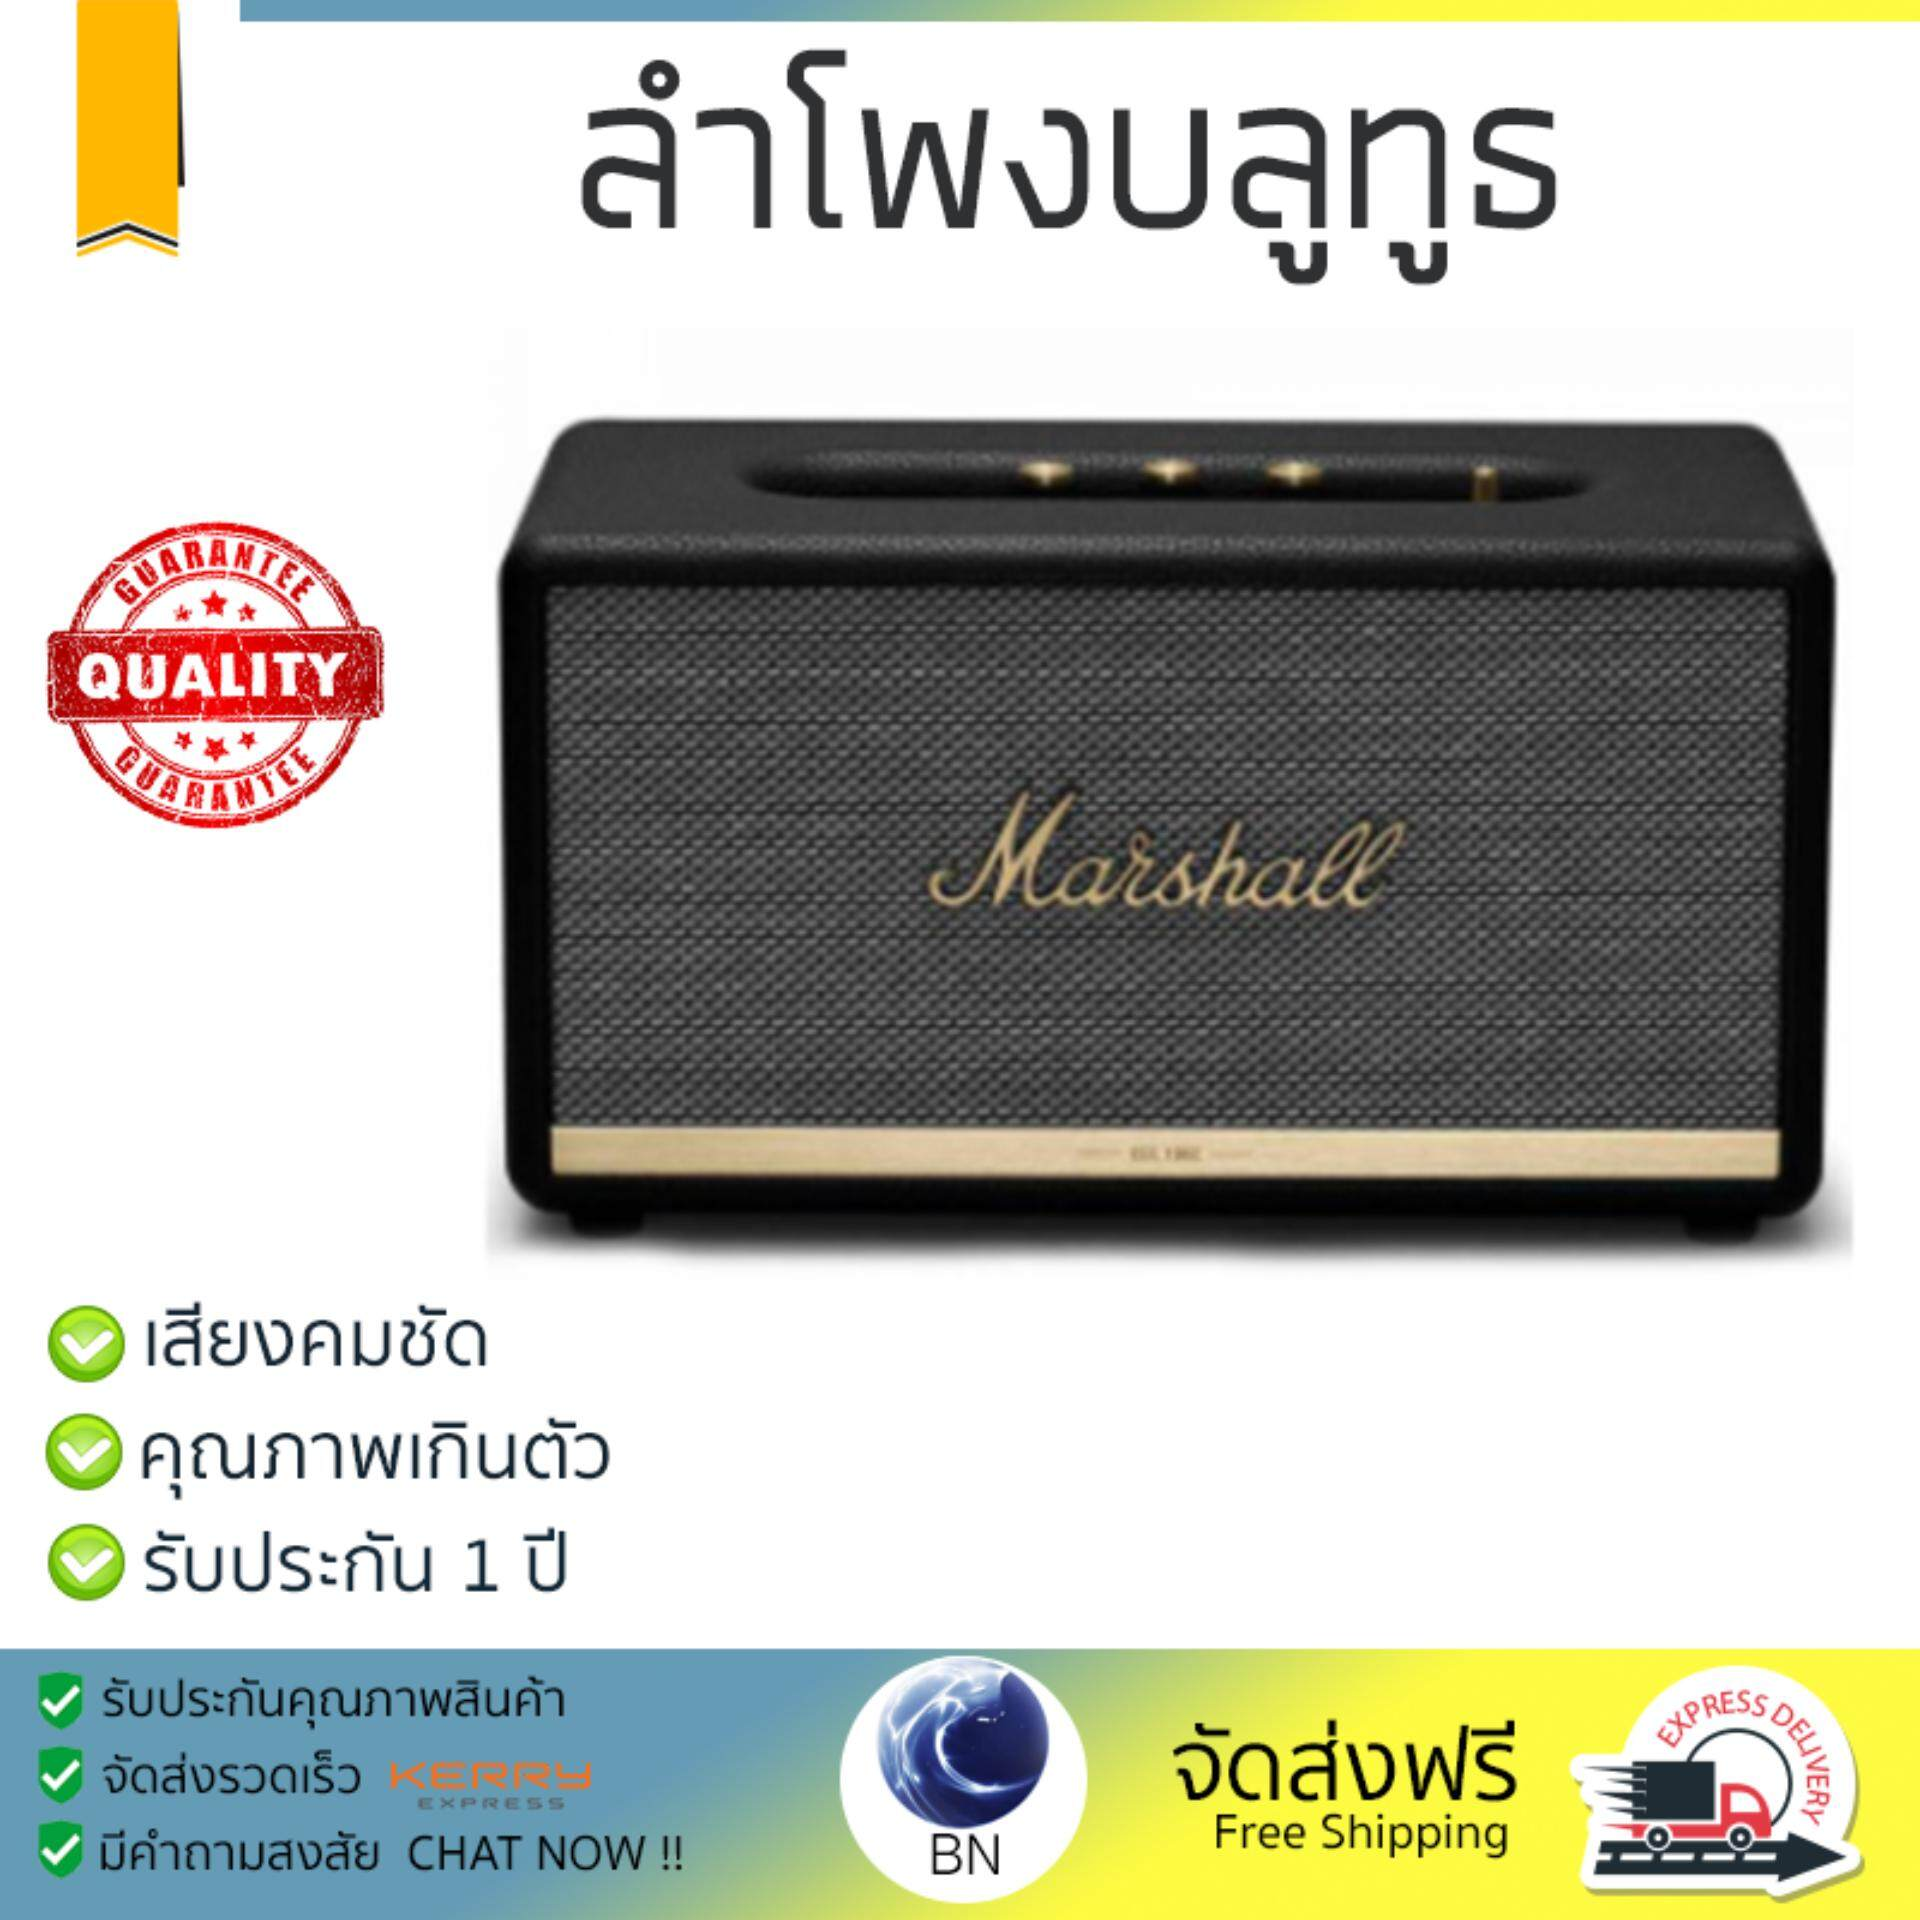 ยี่ห้อนี้ดีไหม  จัดส่งฟรี ลำโพงบลูทูธ  Marshall Bluetooth Speaker 2.1 Stanmore II Bluetooth Black เสียงใส คุณภาพเกินตัว Wireless Bluetooth Speaker รับประกัน 1 ปี